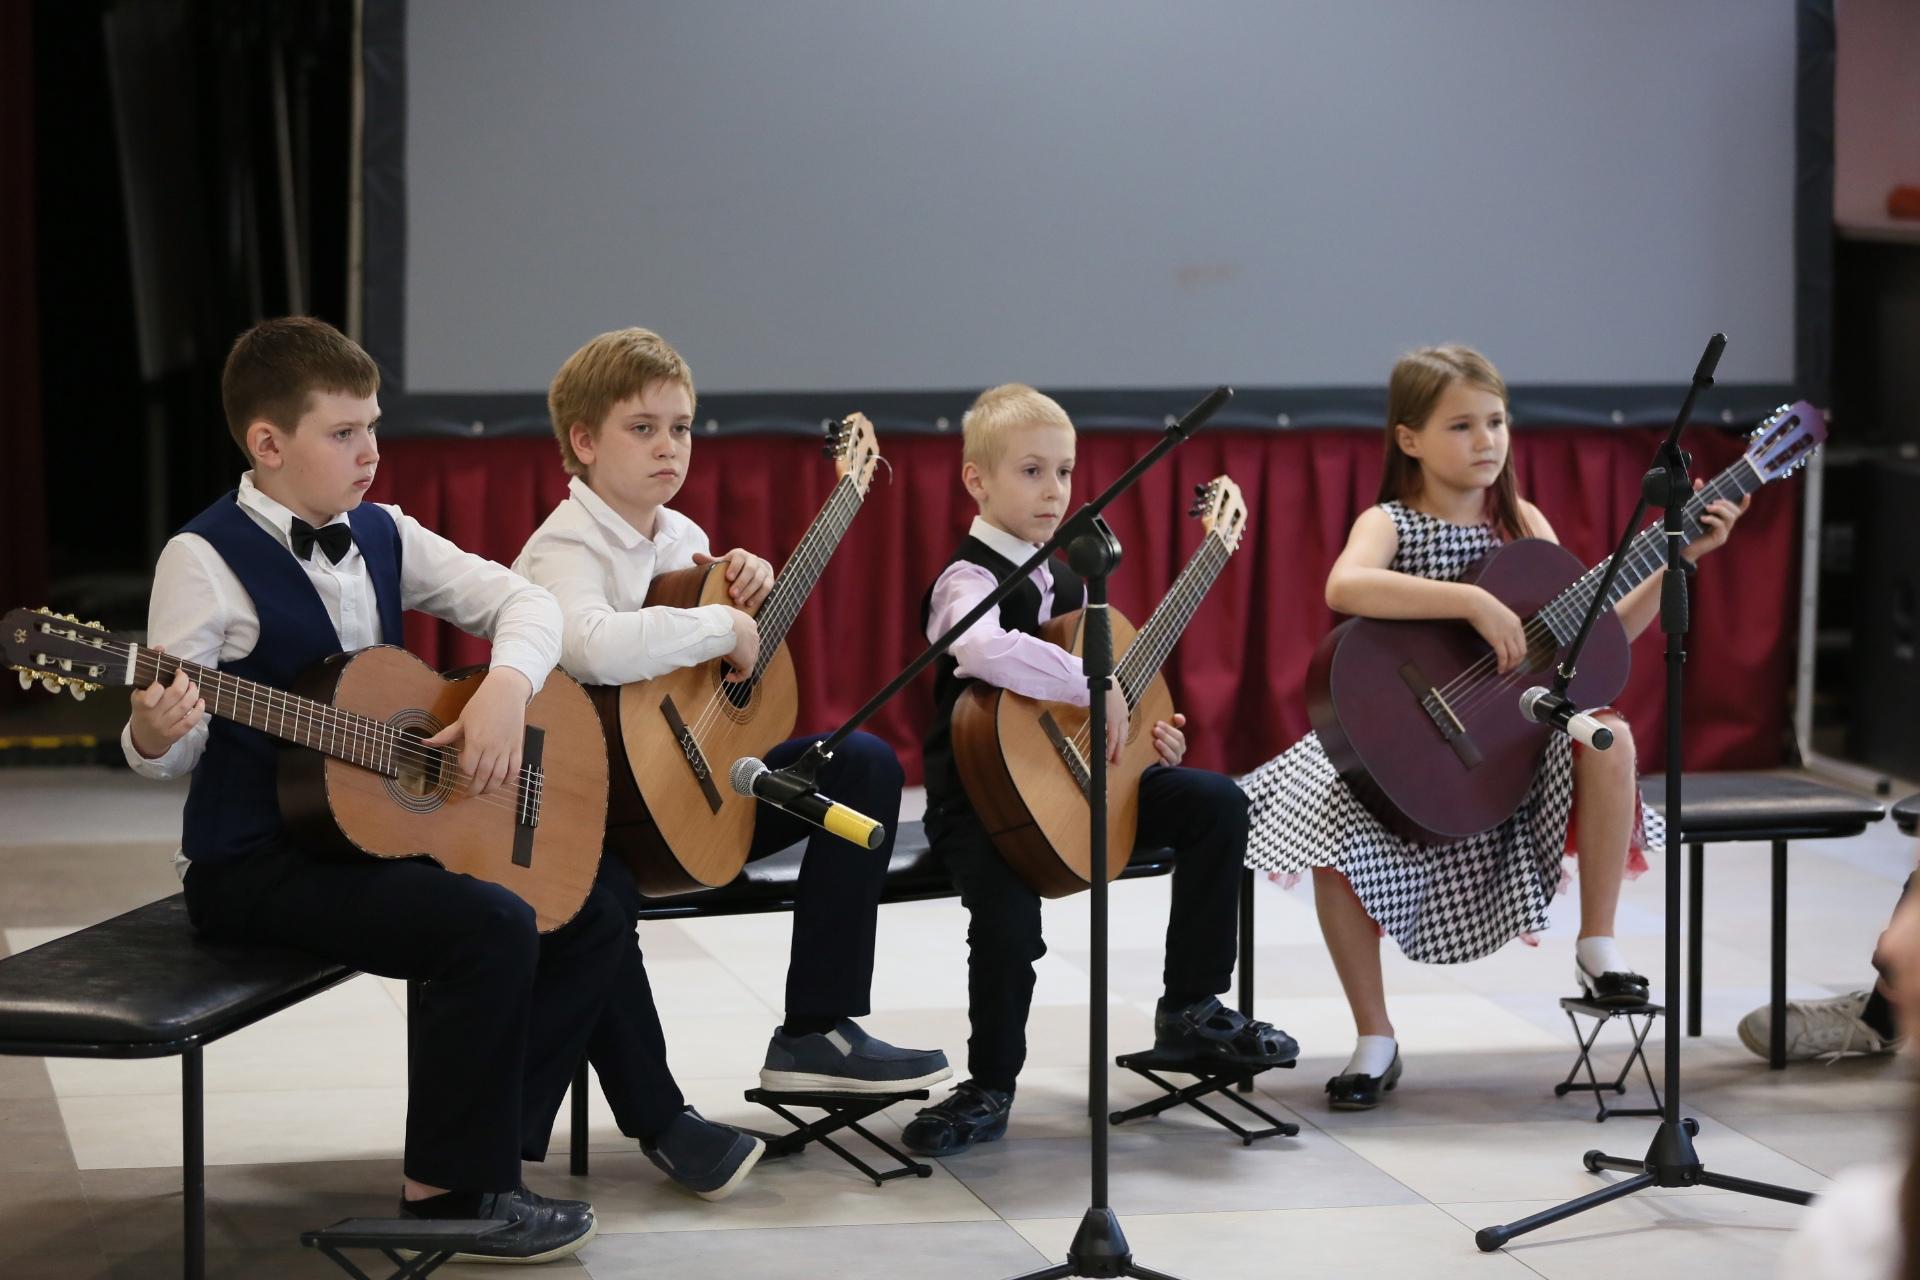 Отчетный концерт ансамбля гитаристов организовали сотрудники Дома культуры «Коммунарка» в Сосенском